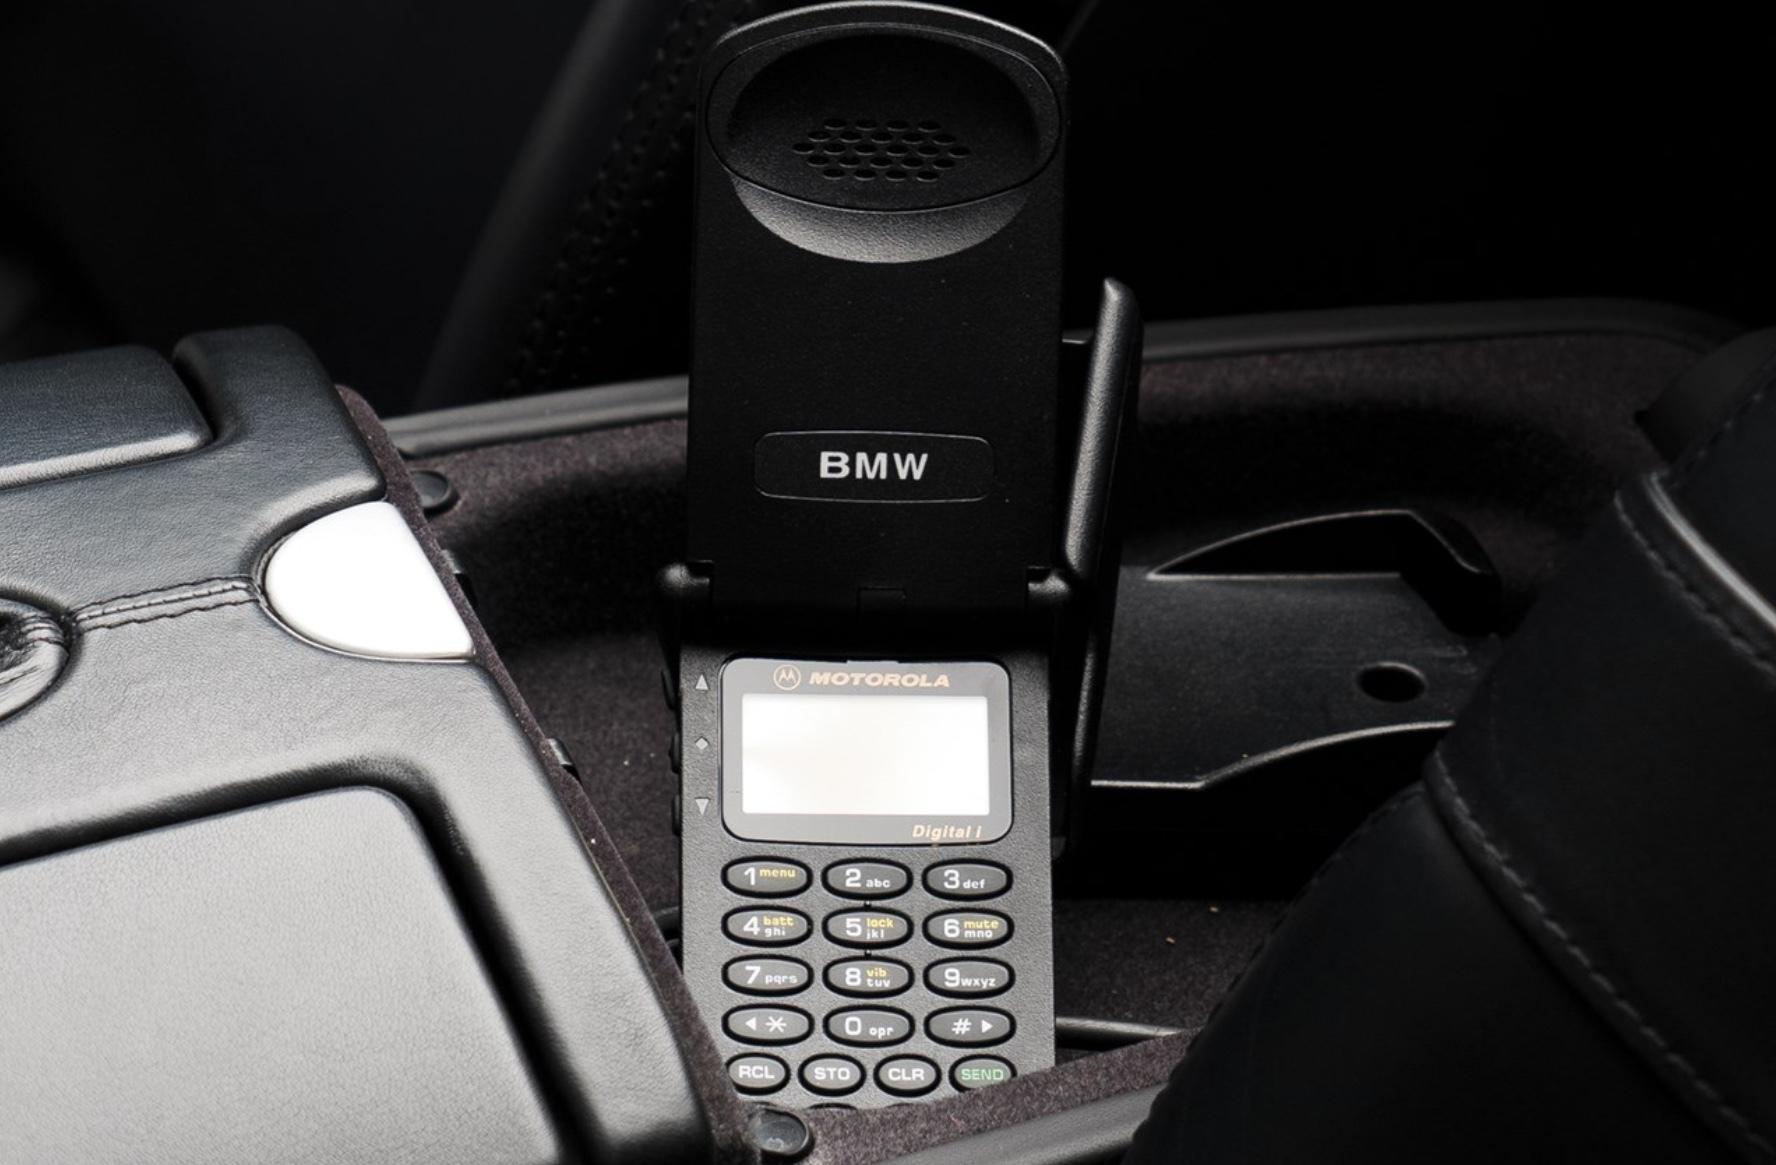 Celular que acompanha BMW Z8 de Jobs